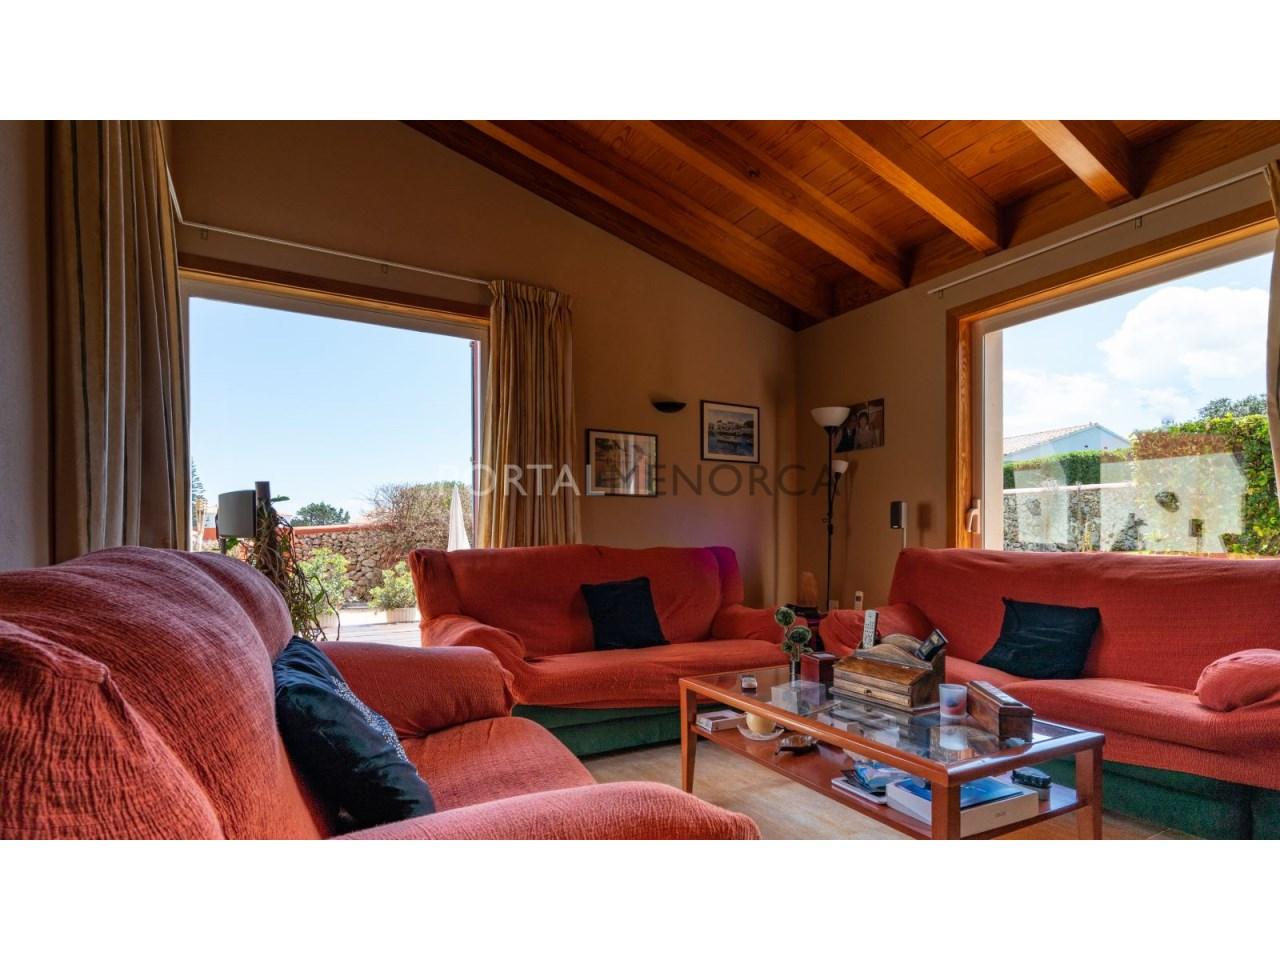 maison-vendre-menorca-minorque (3)